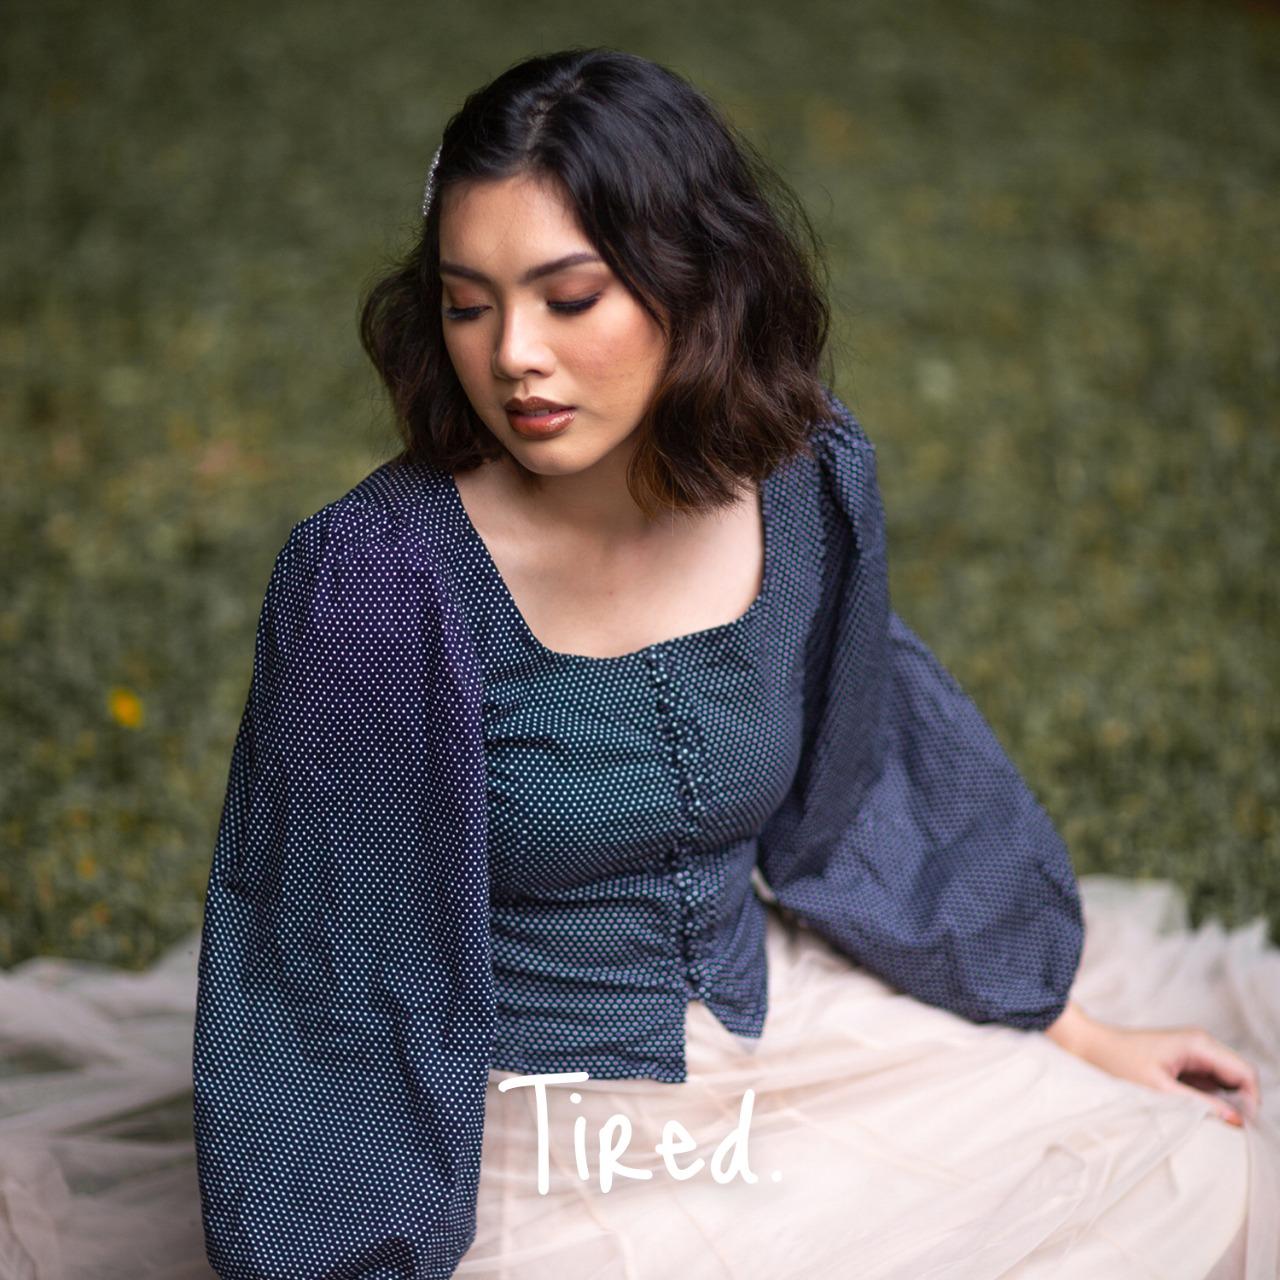 """Yemima Hutapea, Top 5 Miss Indonesia merilis single """"Tired."""""""